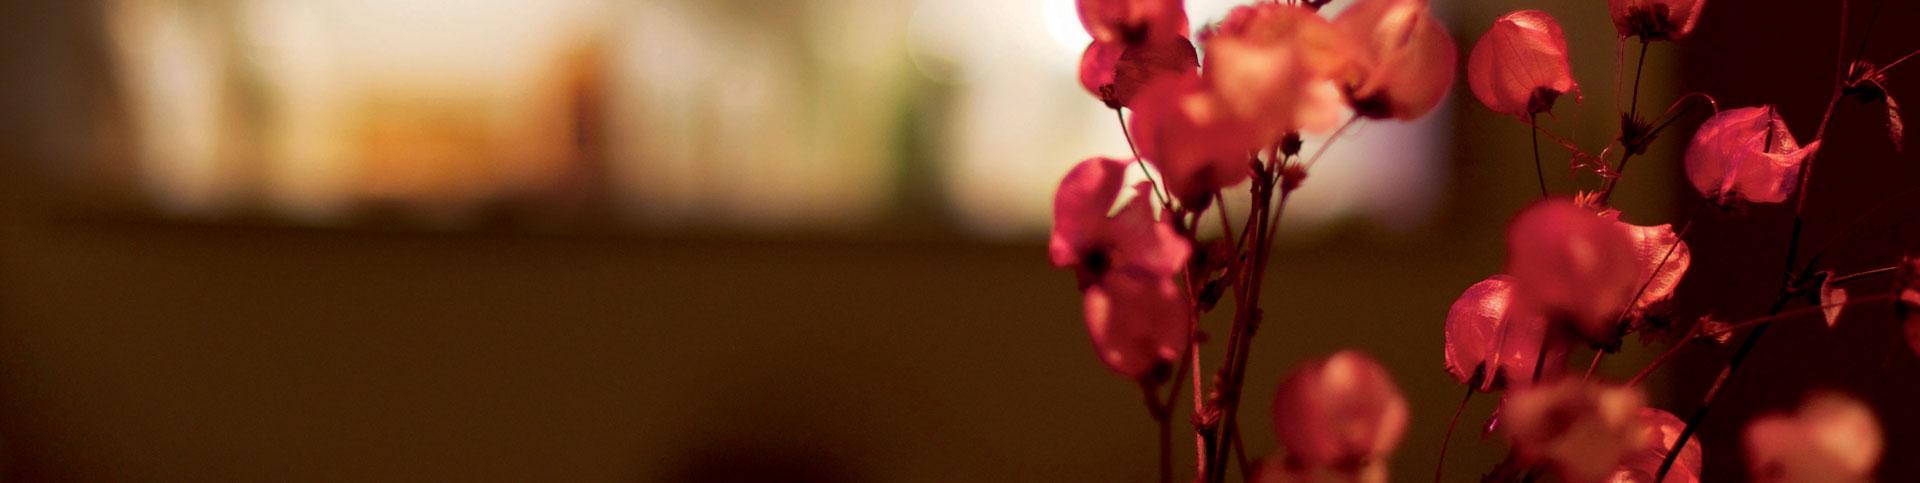 Primer plano flores rojas